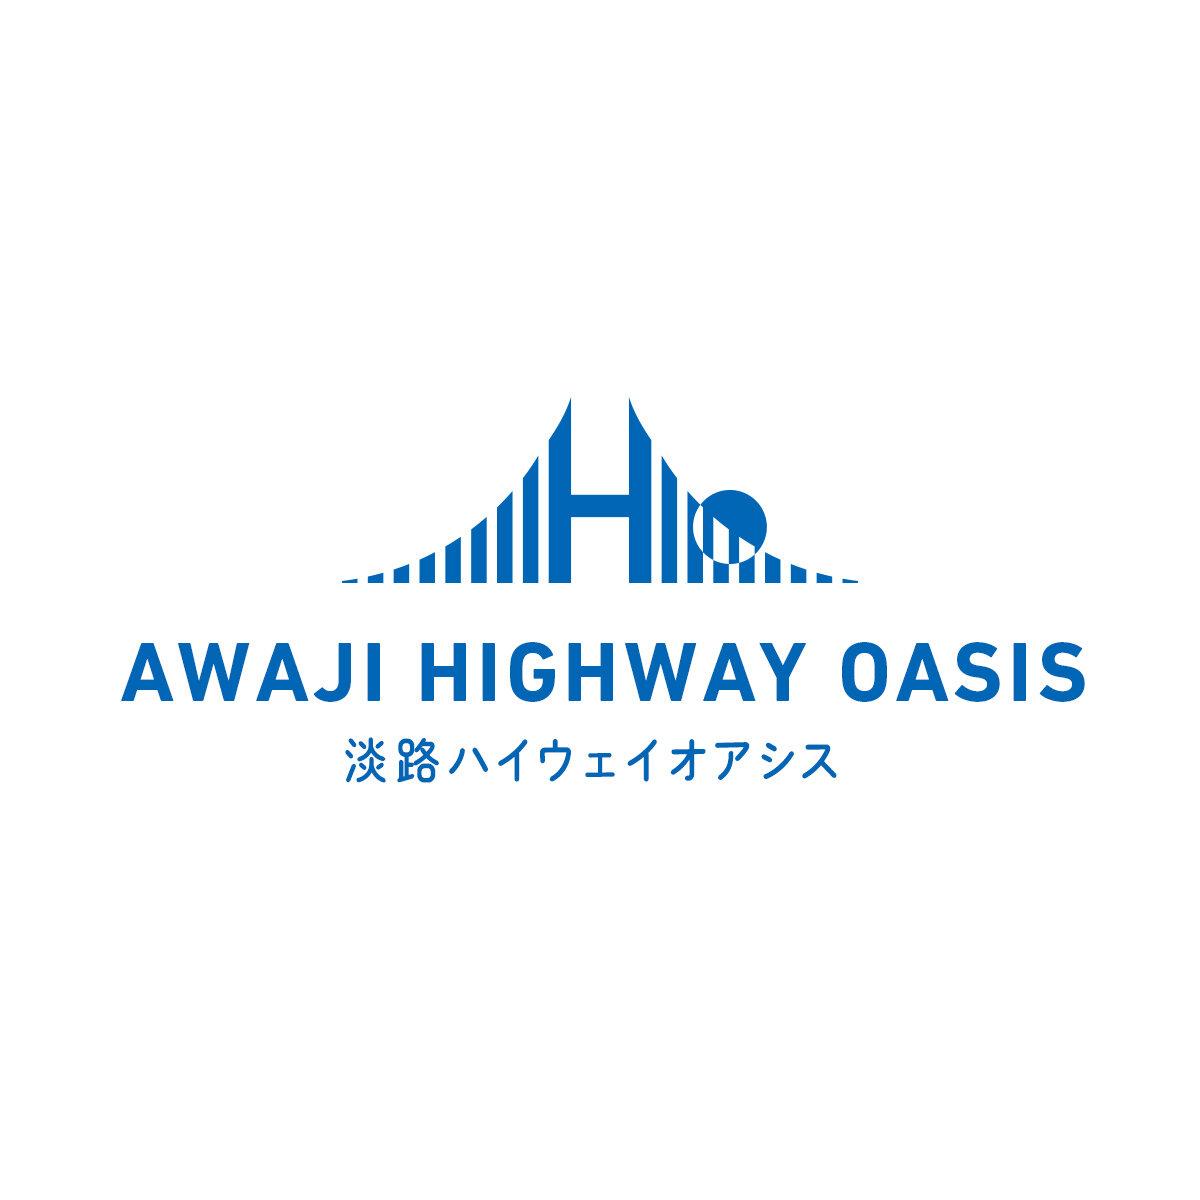 淡路ハイウェイオアシス 〜 おいしいもの、たのしいこと、淡路島のいいところ、ぎゅっとまるごと 〜